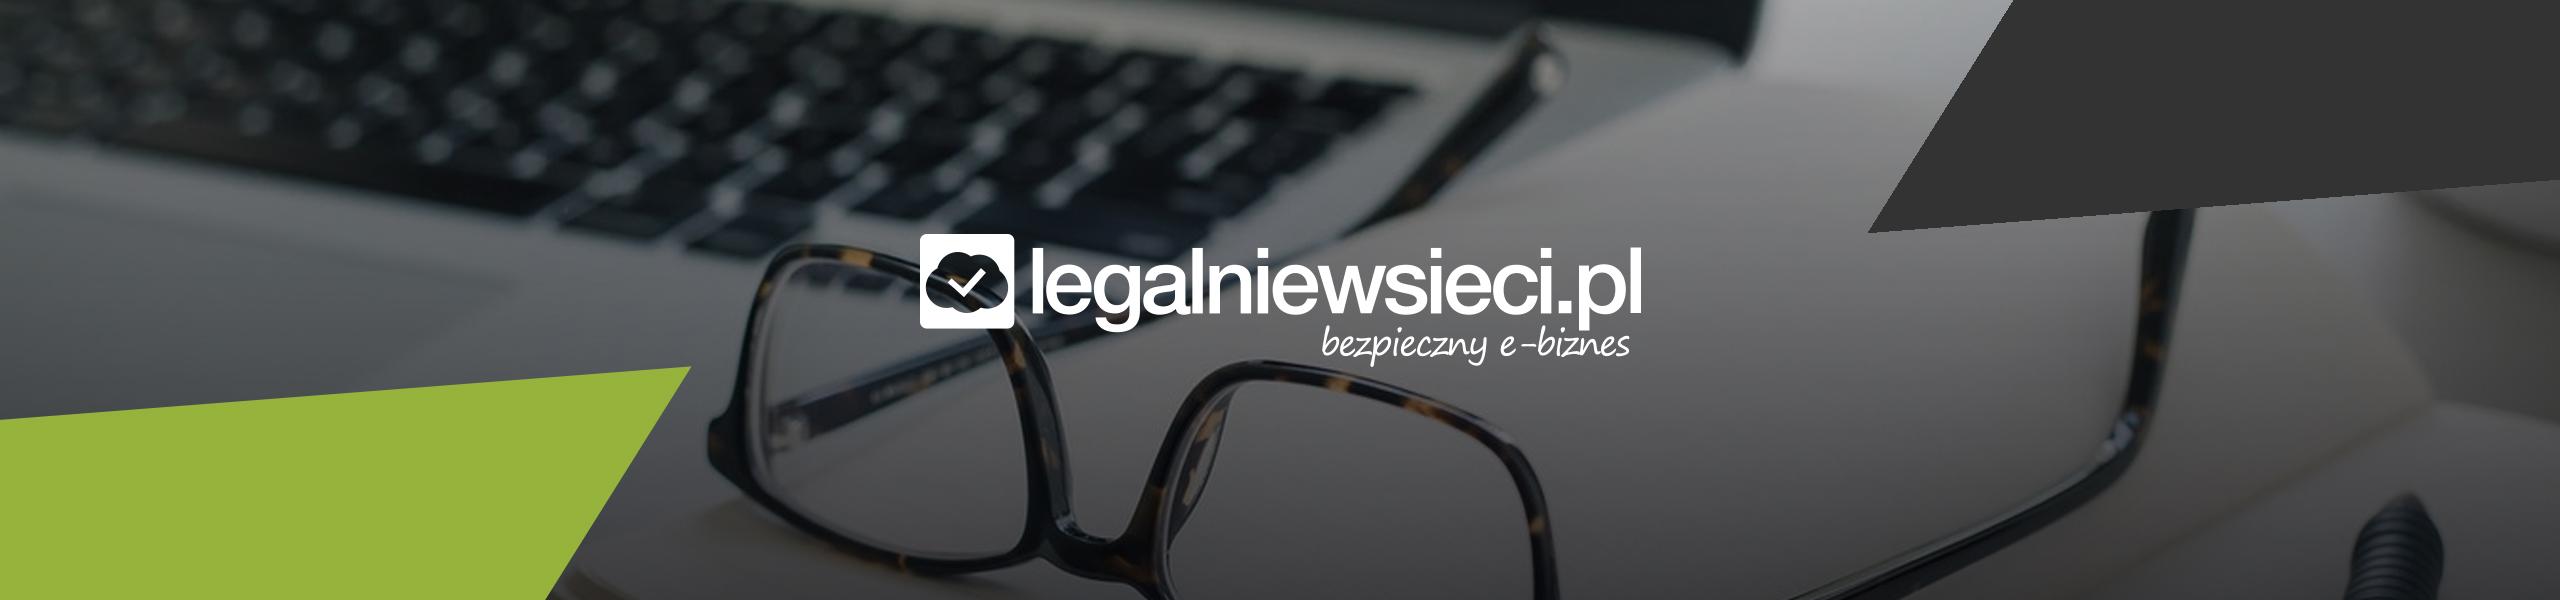 Jak legalniewsieci.pl oszustom szkodzi?